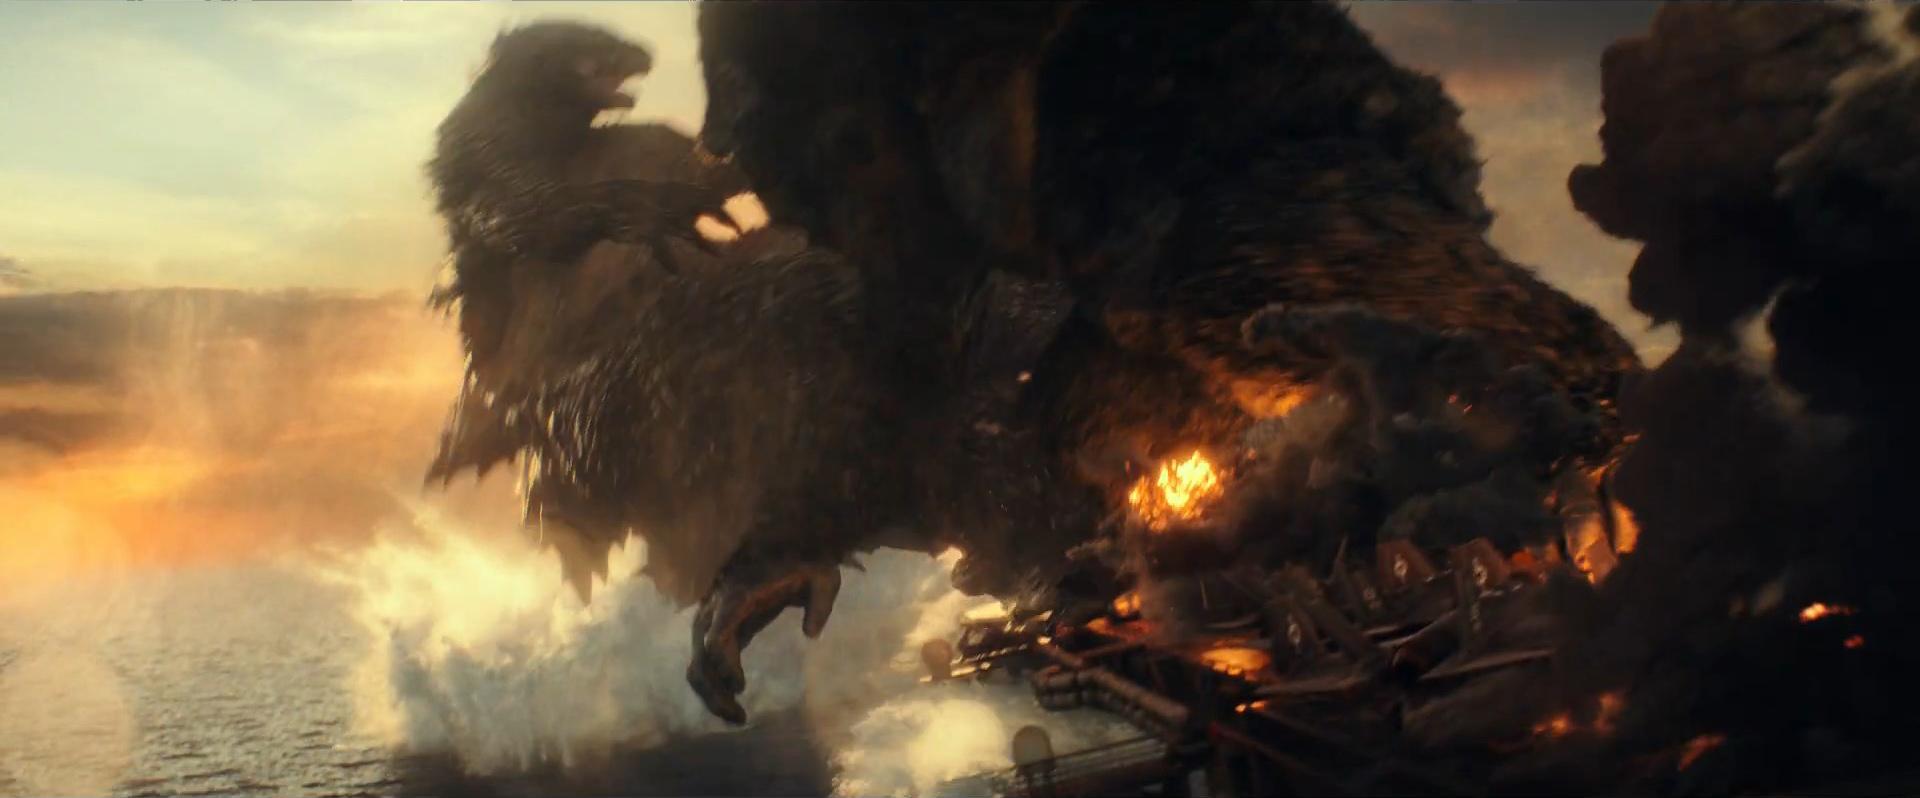 Godzilla vs Kong Trailer Still 43